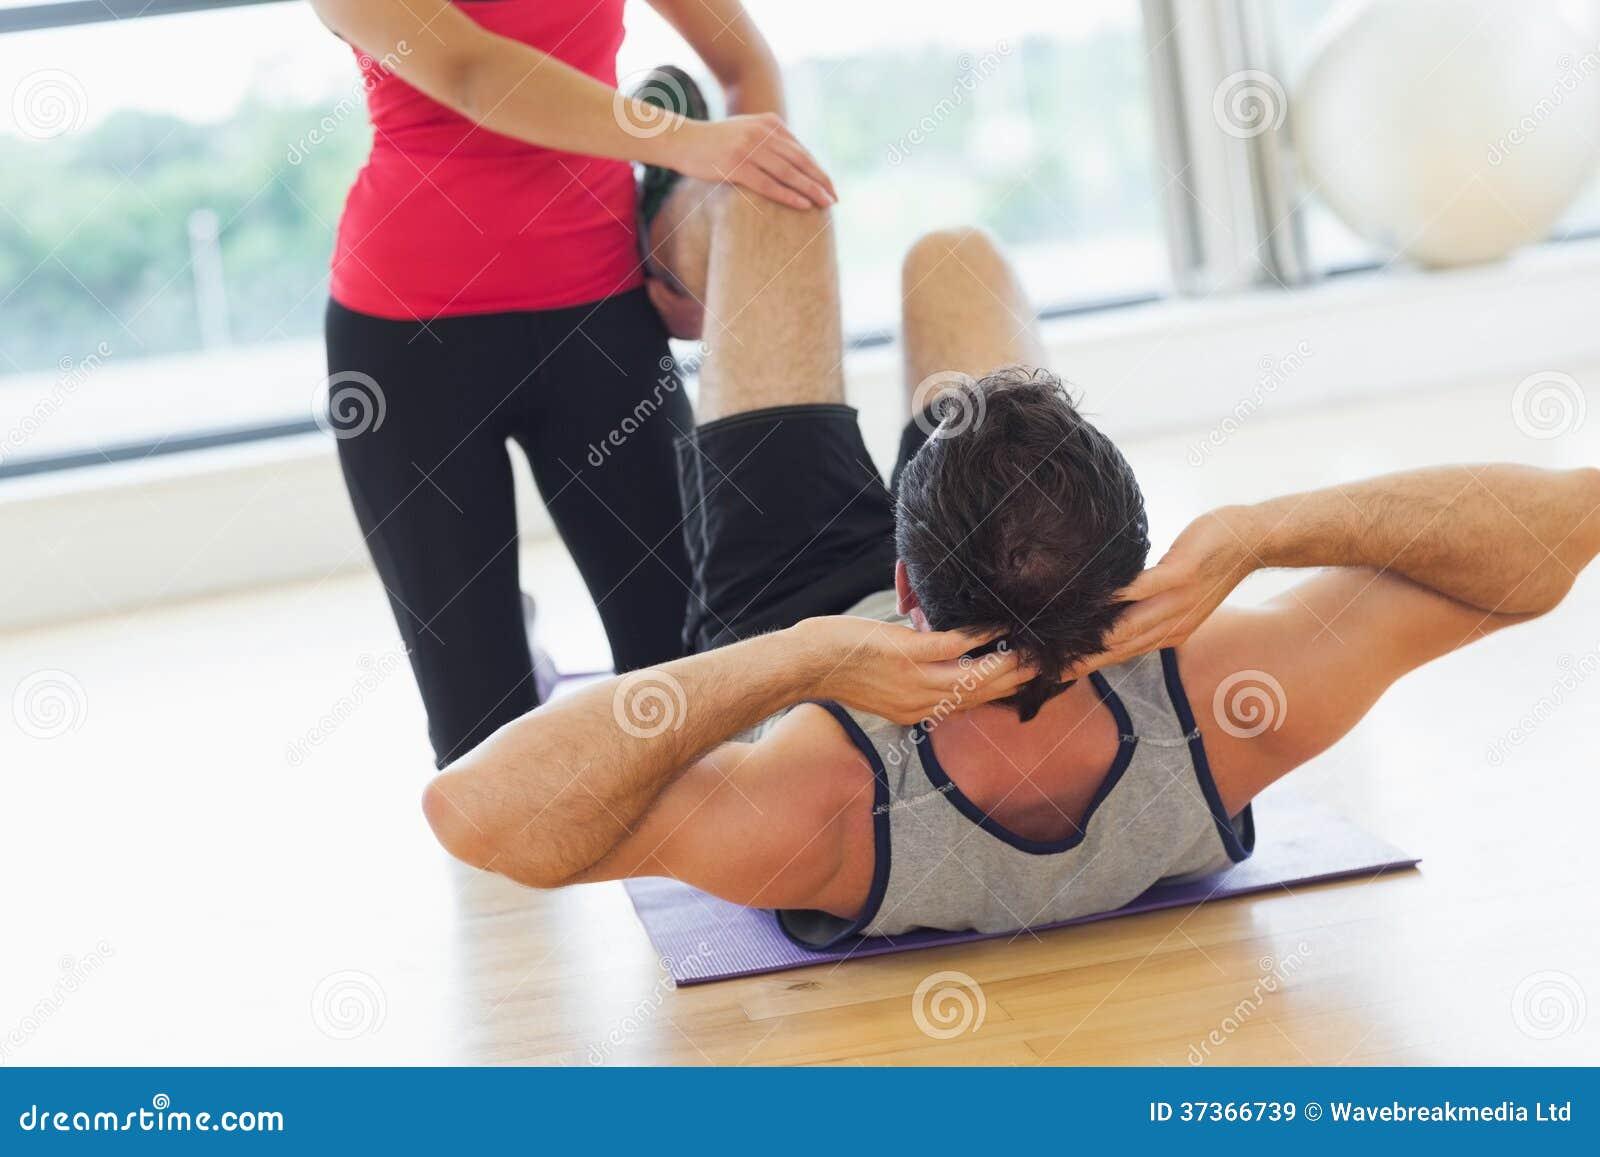 好想人要摸_在健身房被教练摸出水了